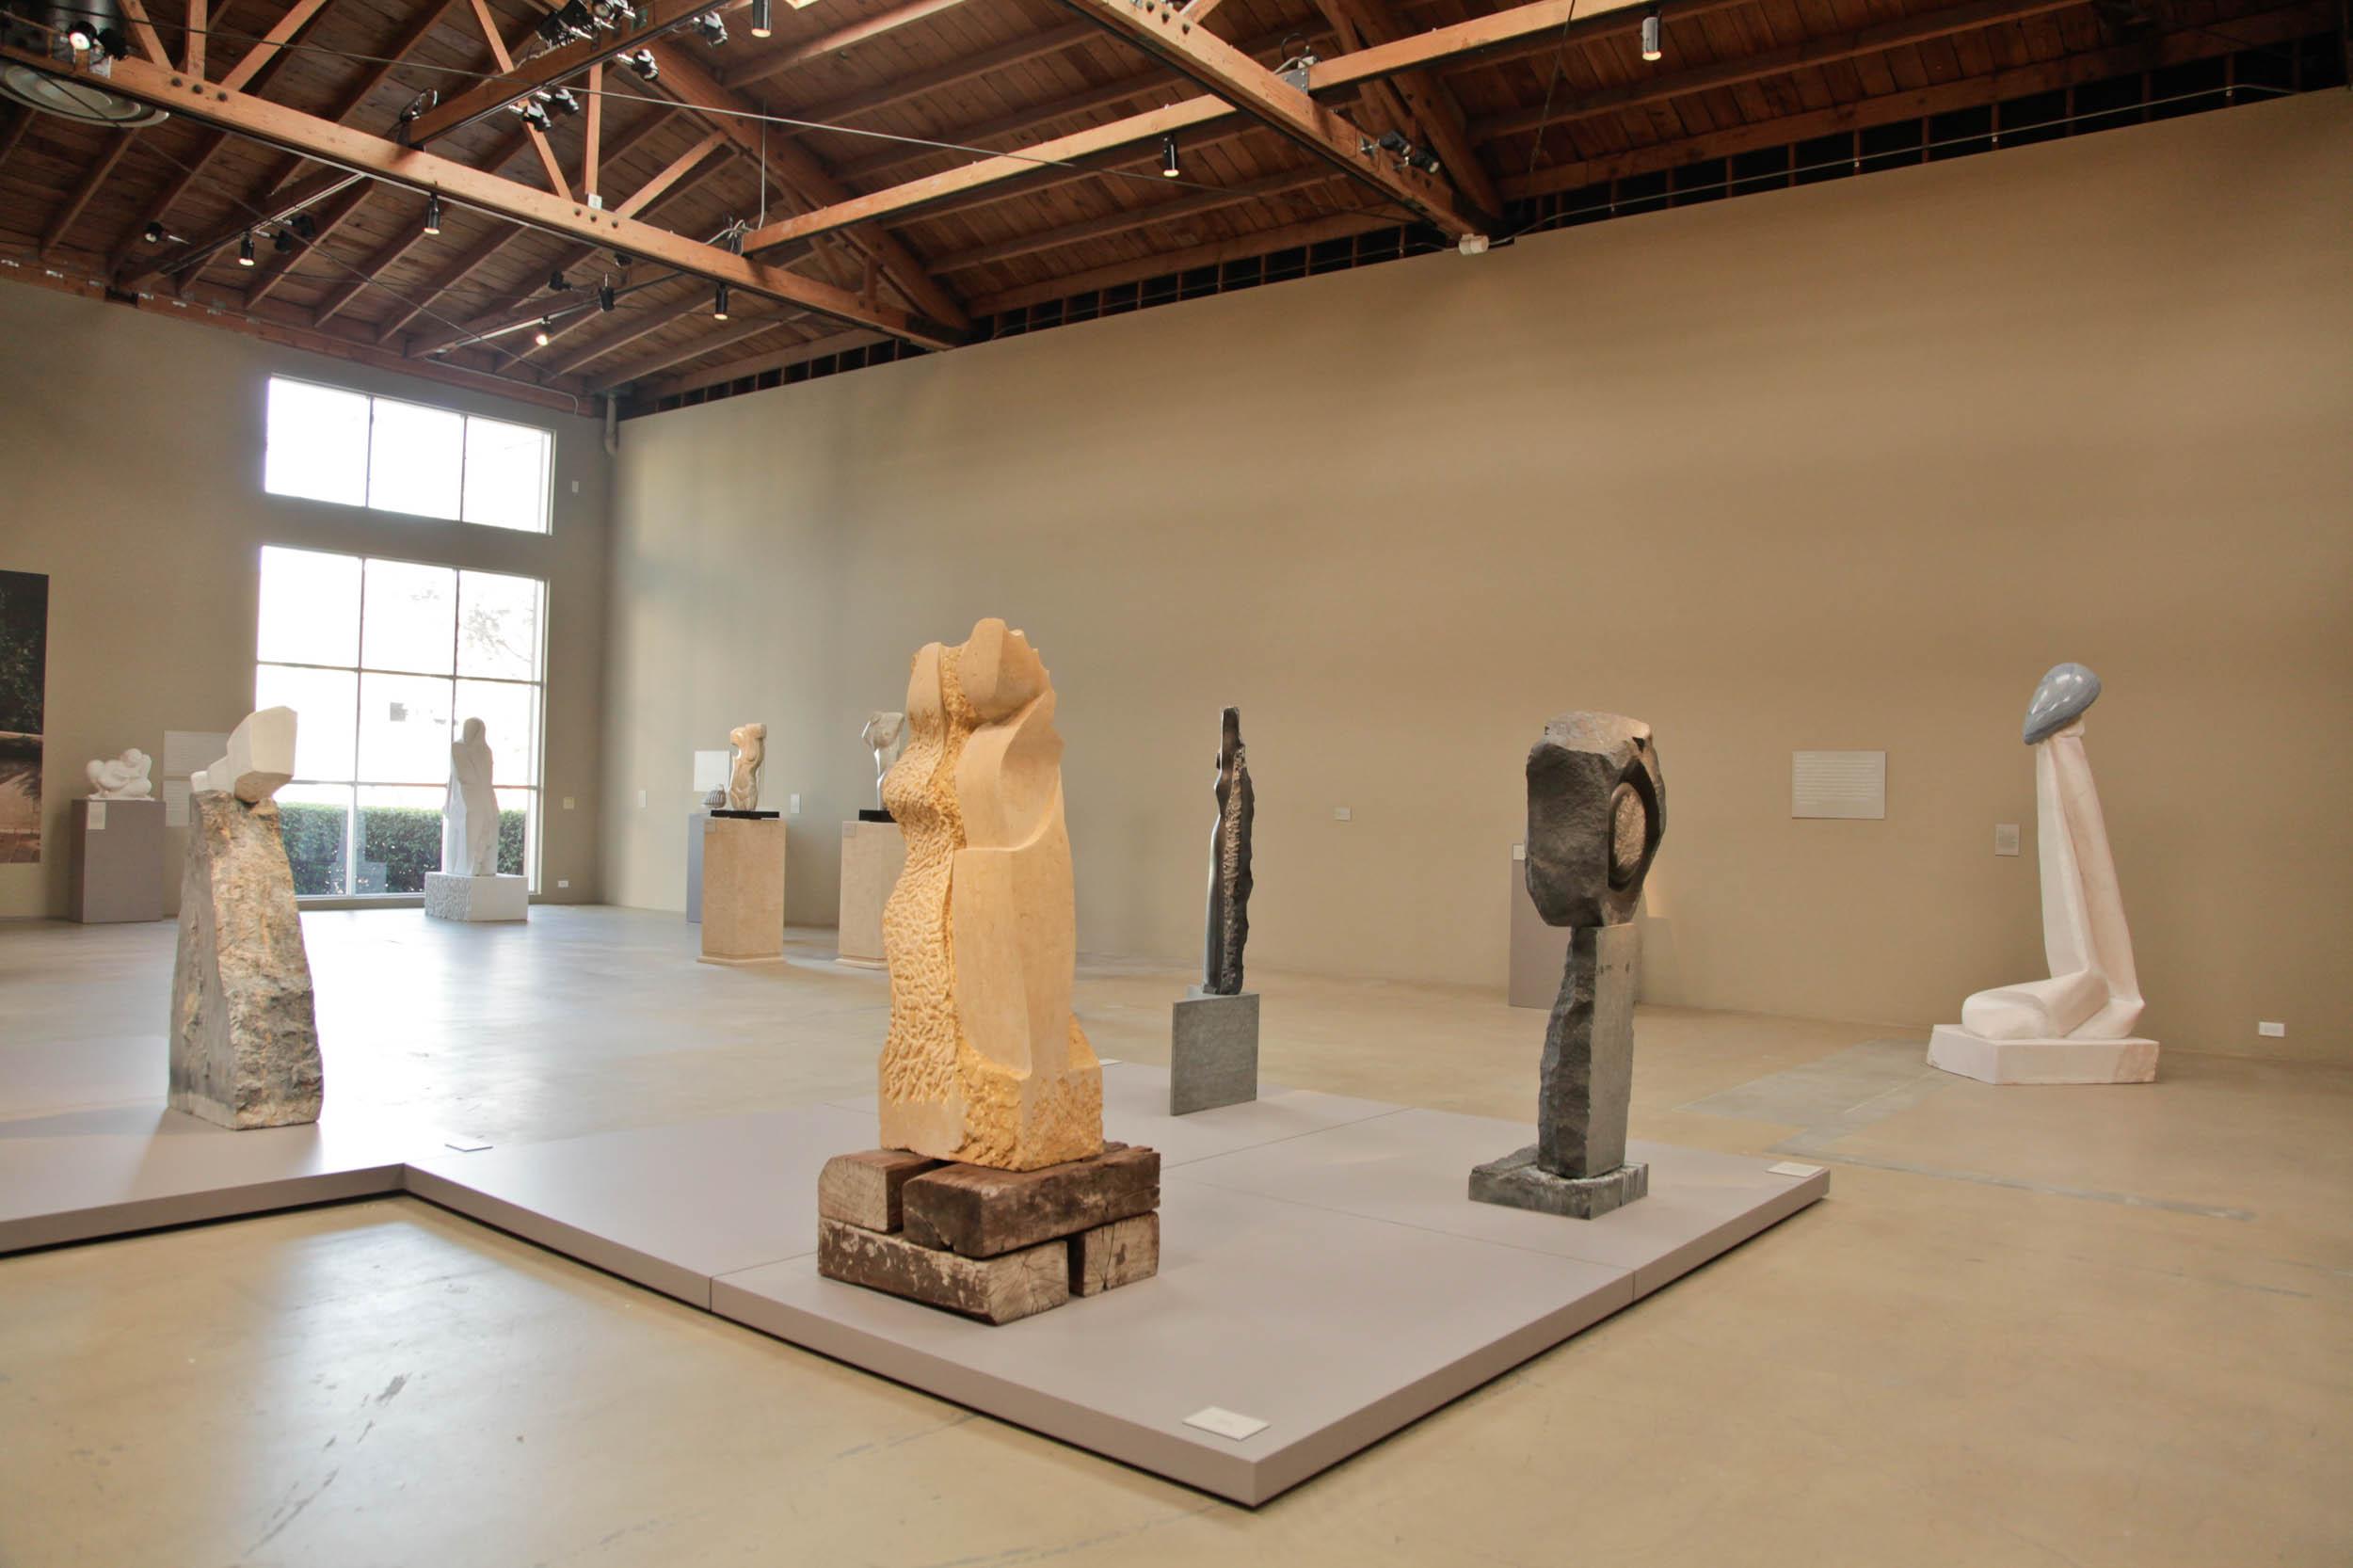 Sorarya-Nazarian-Sculpture-15.jpg